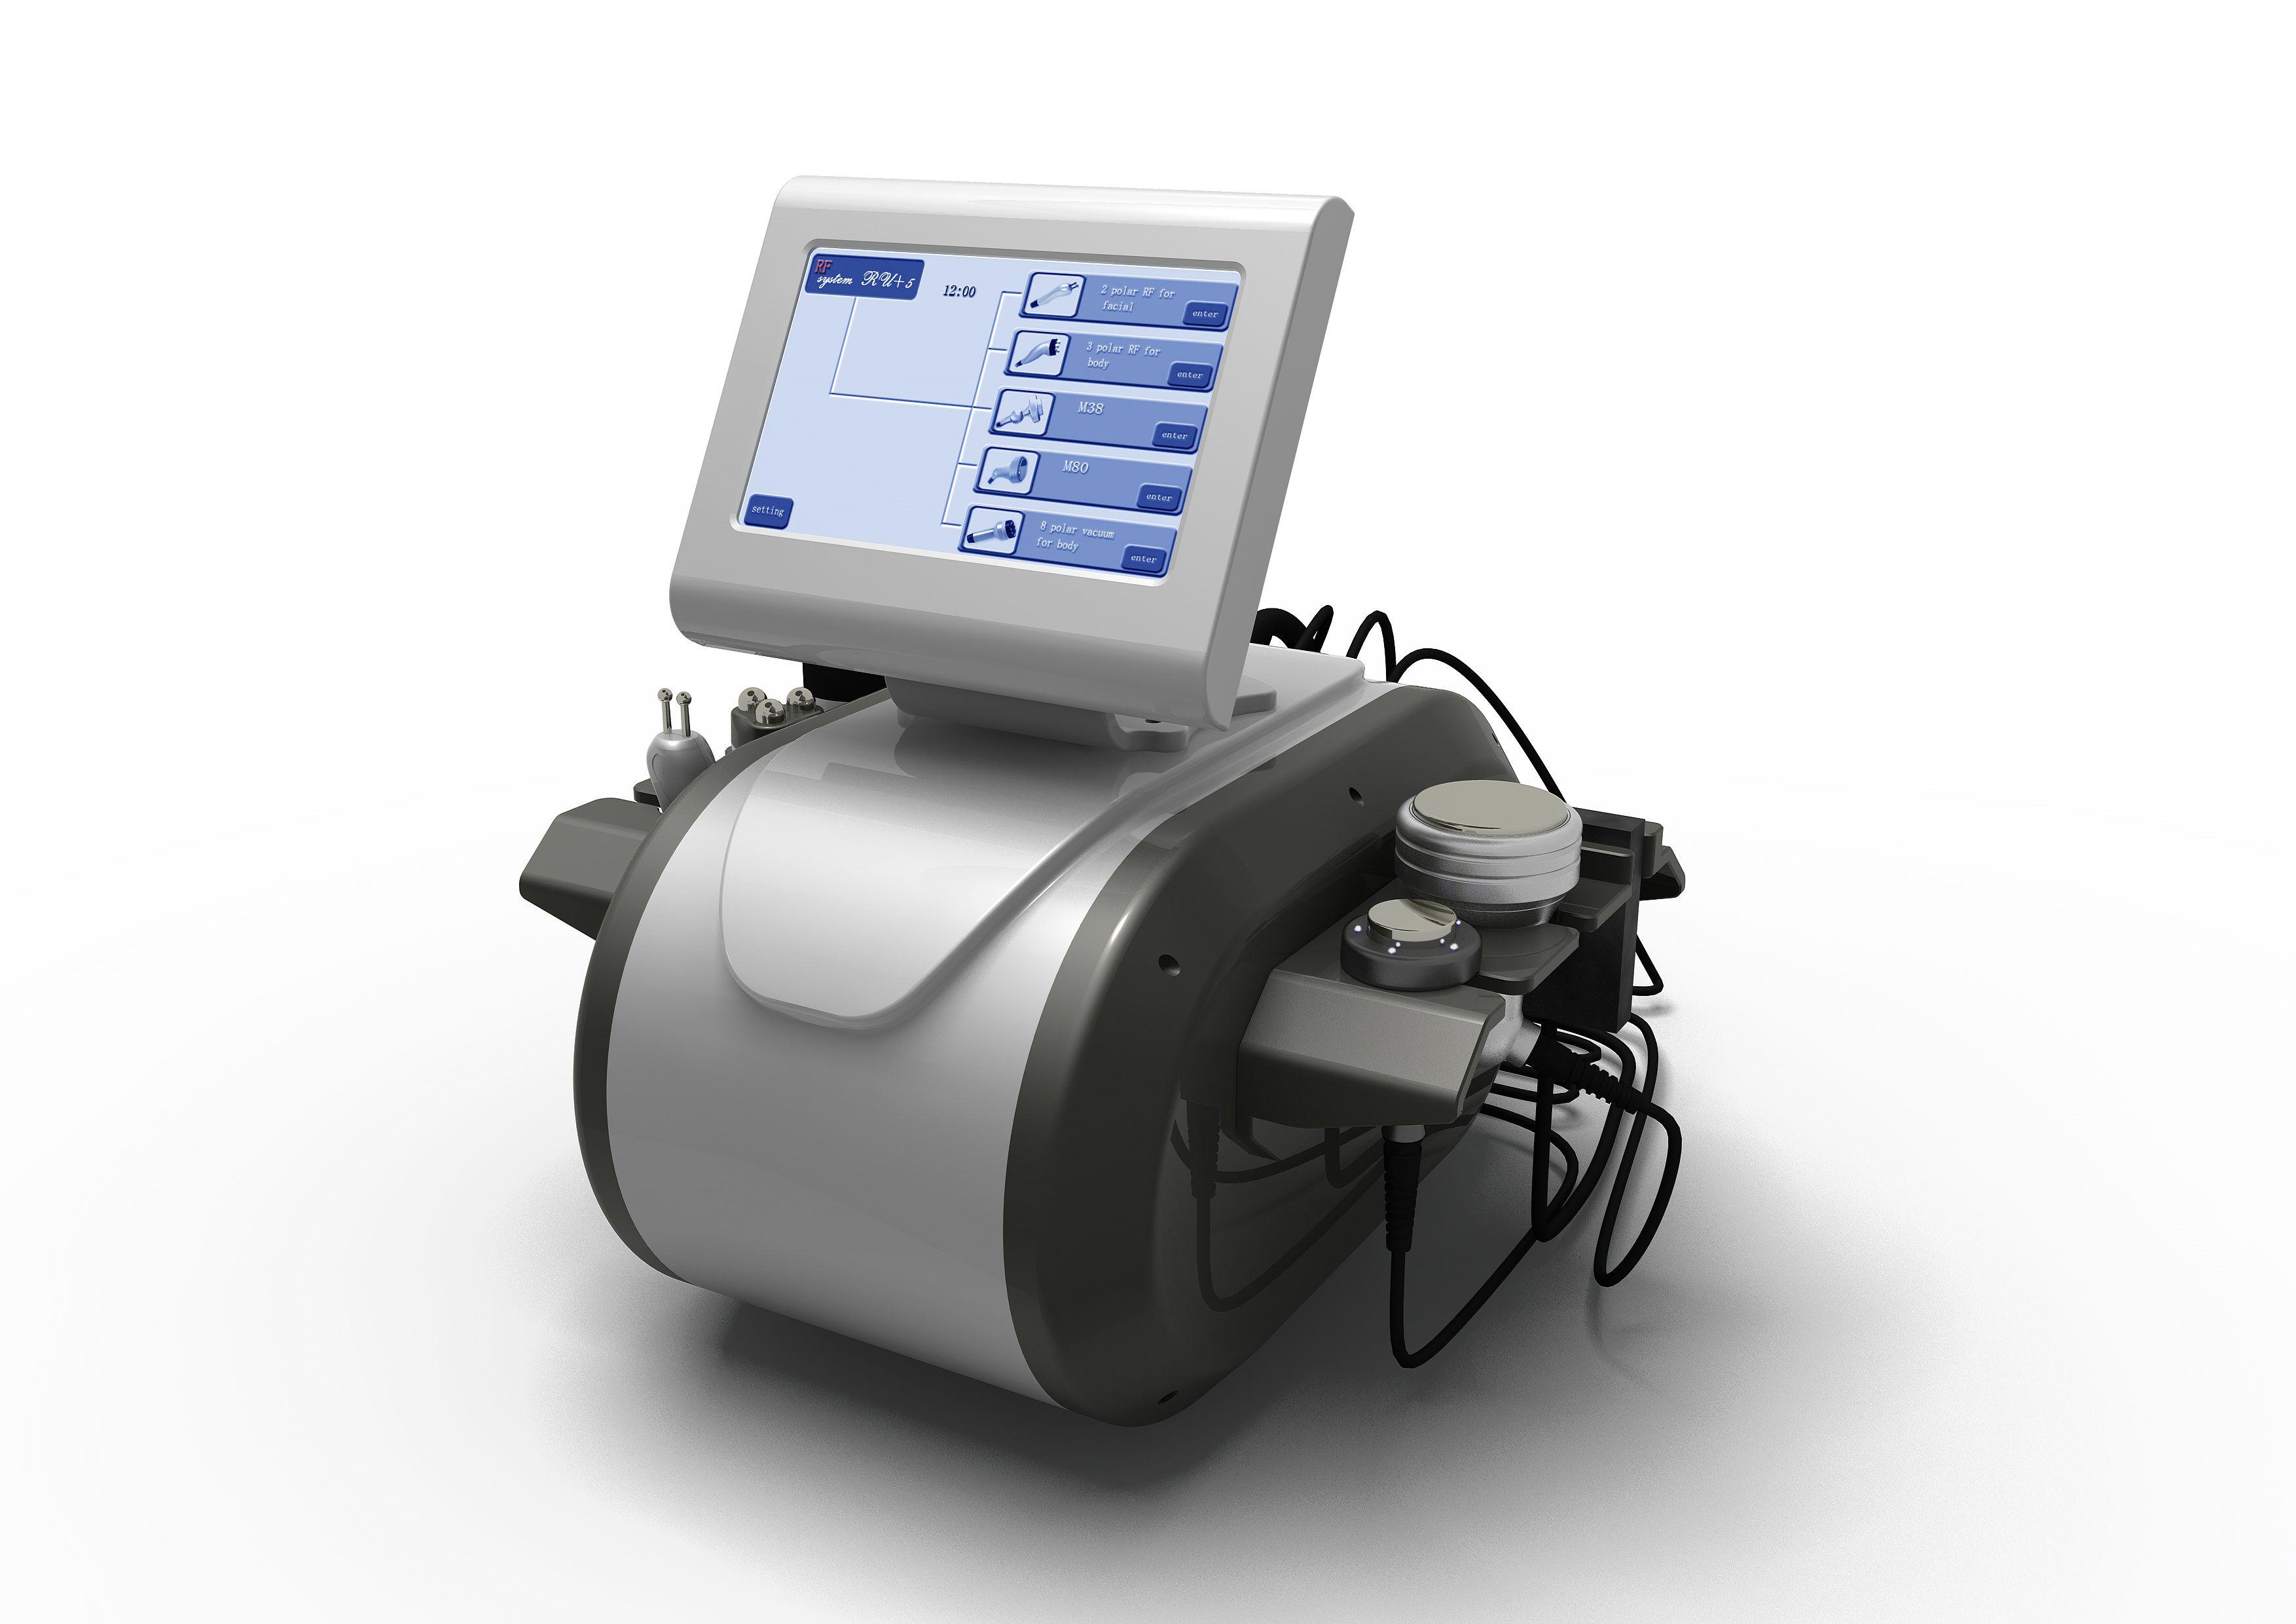 5 en 1 Ultrasonido Cavitación ultrasónica y Liposucción con RF Vacío para adelgazar Cavitación Máquina bipolar multipolar de RF